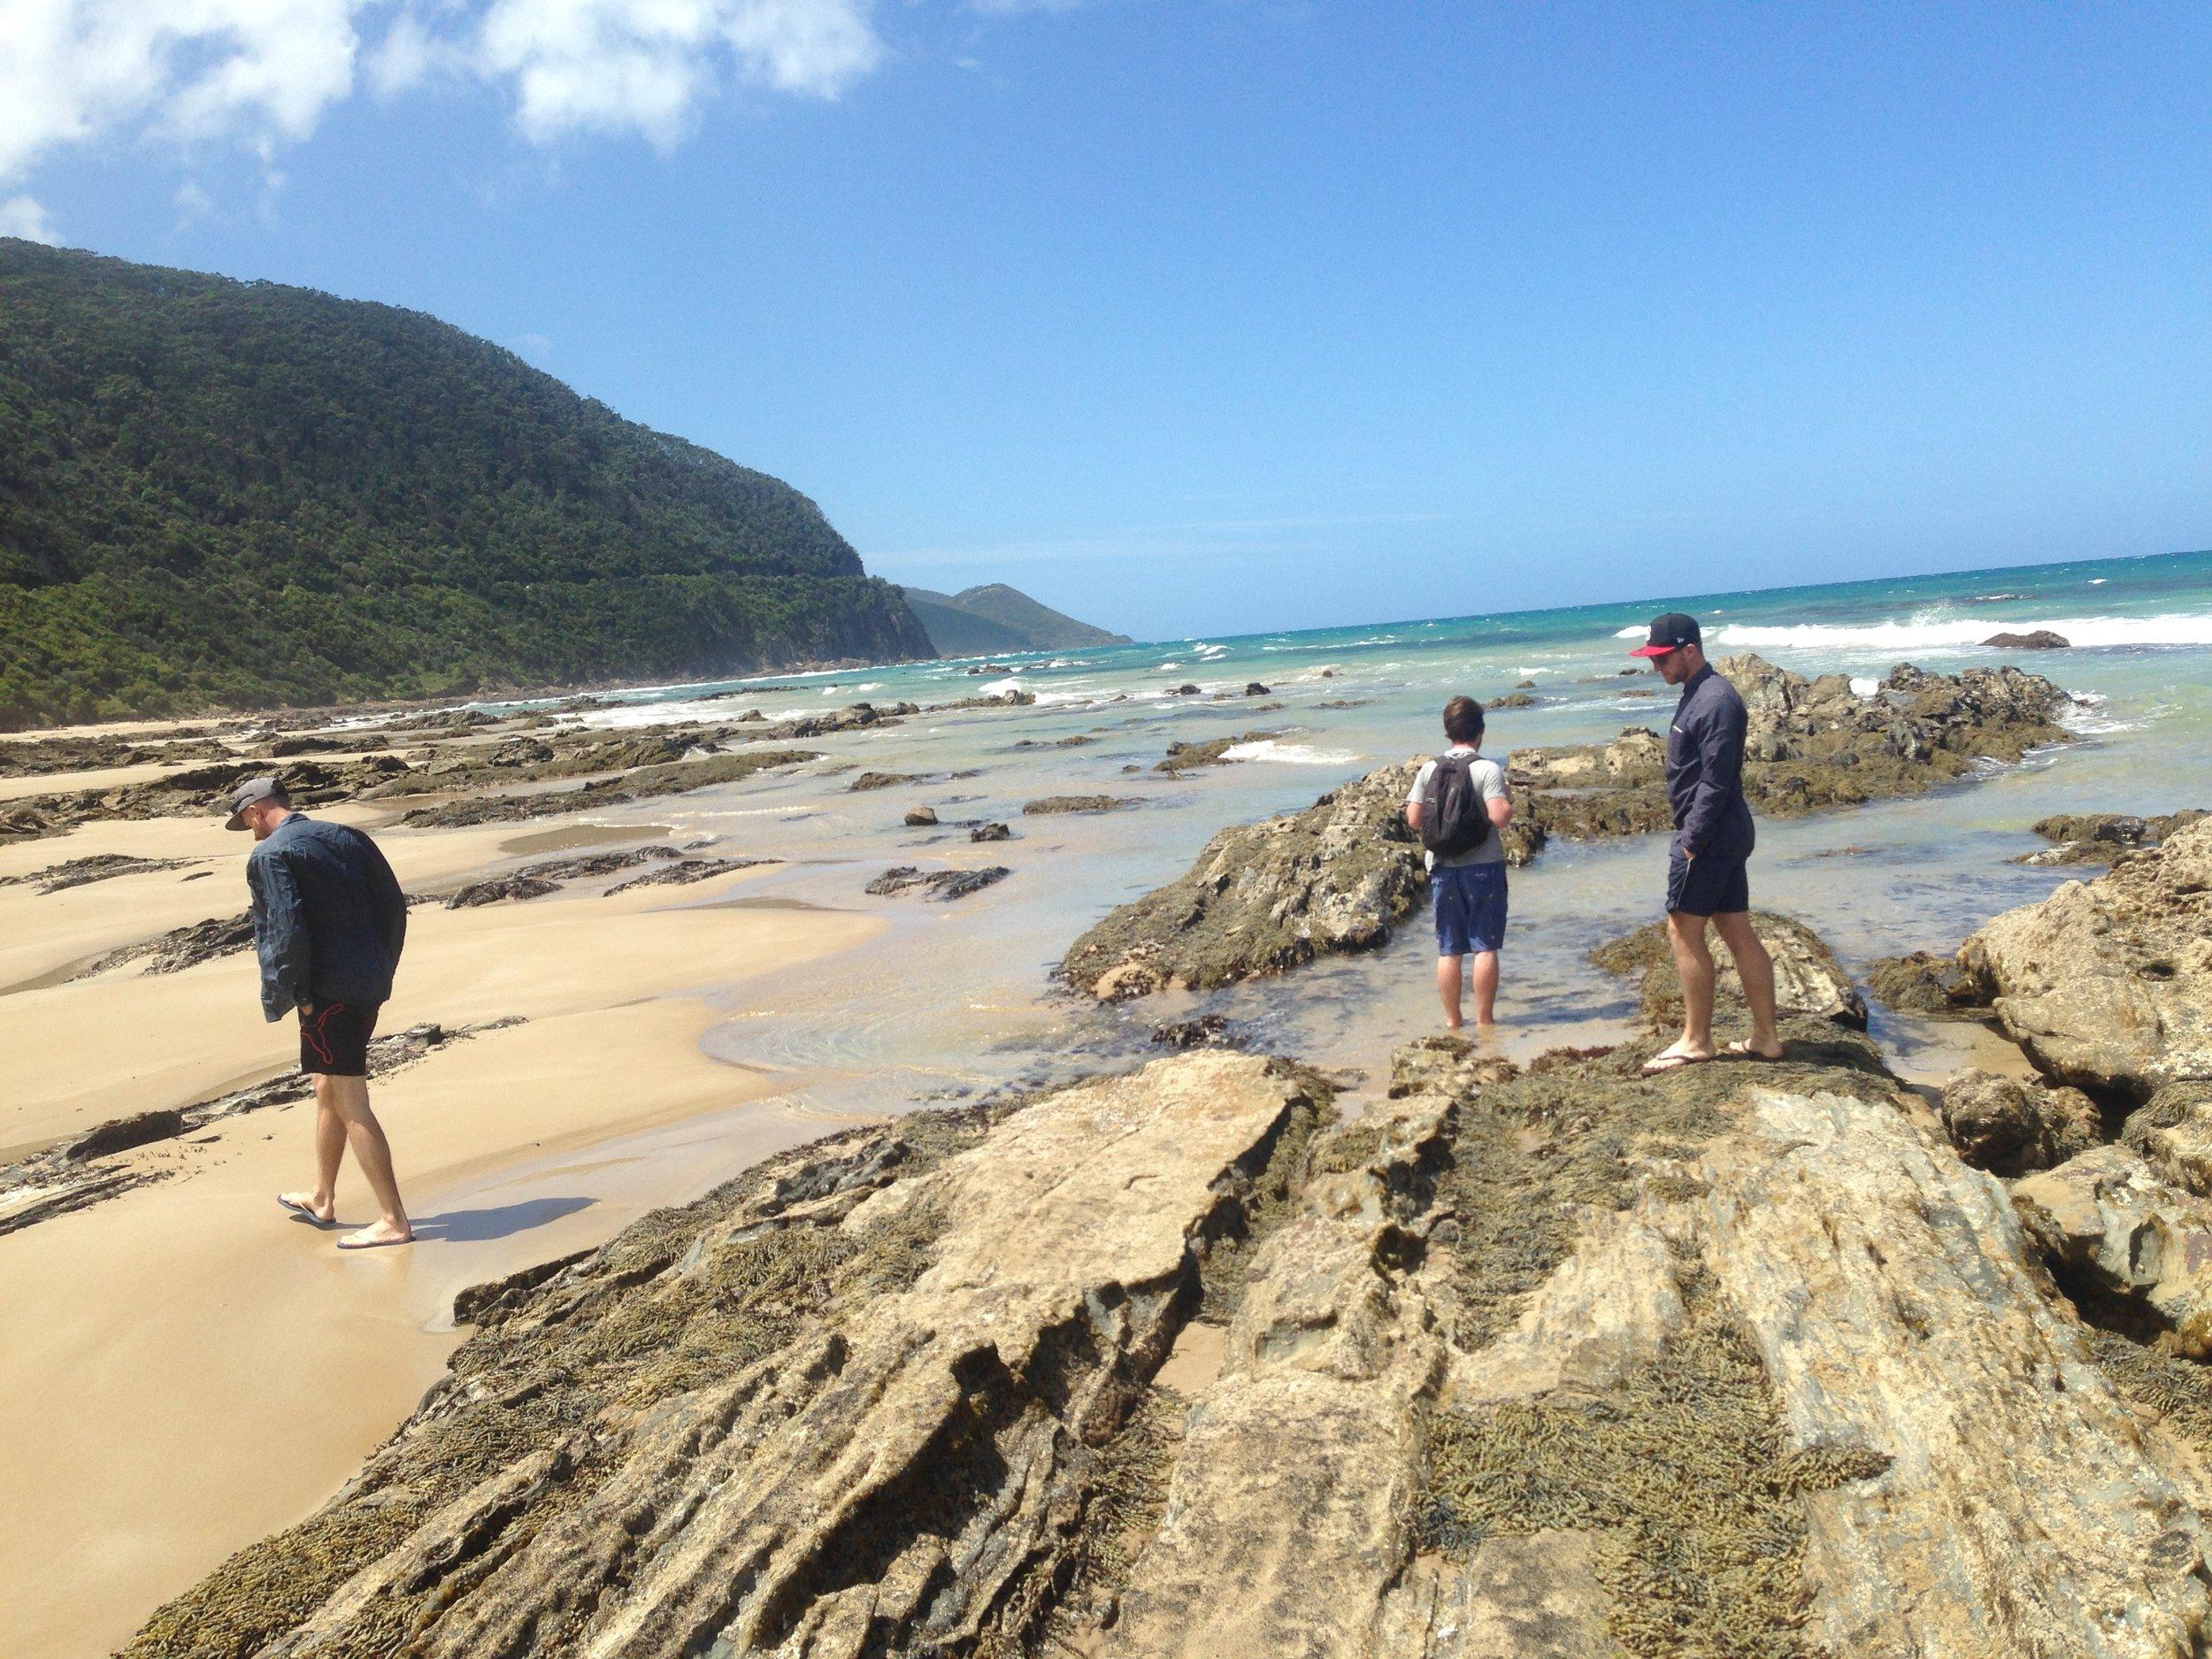 Exploring the great ocean road...